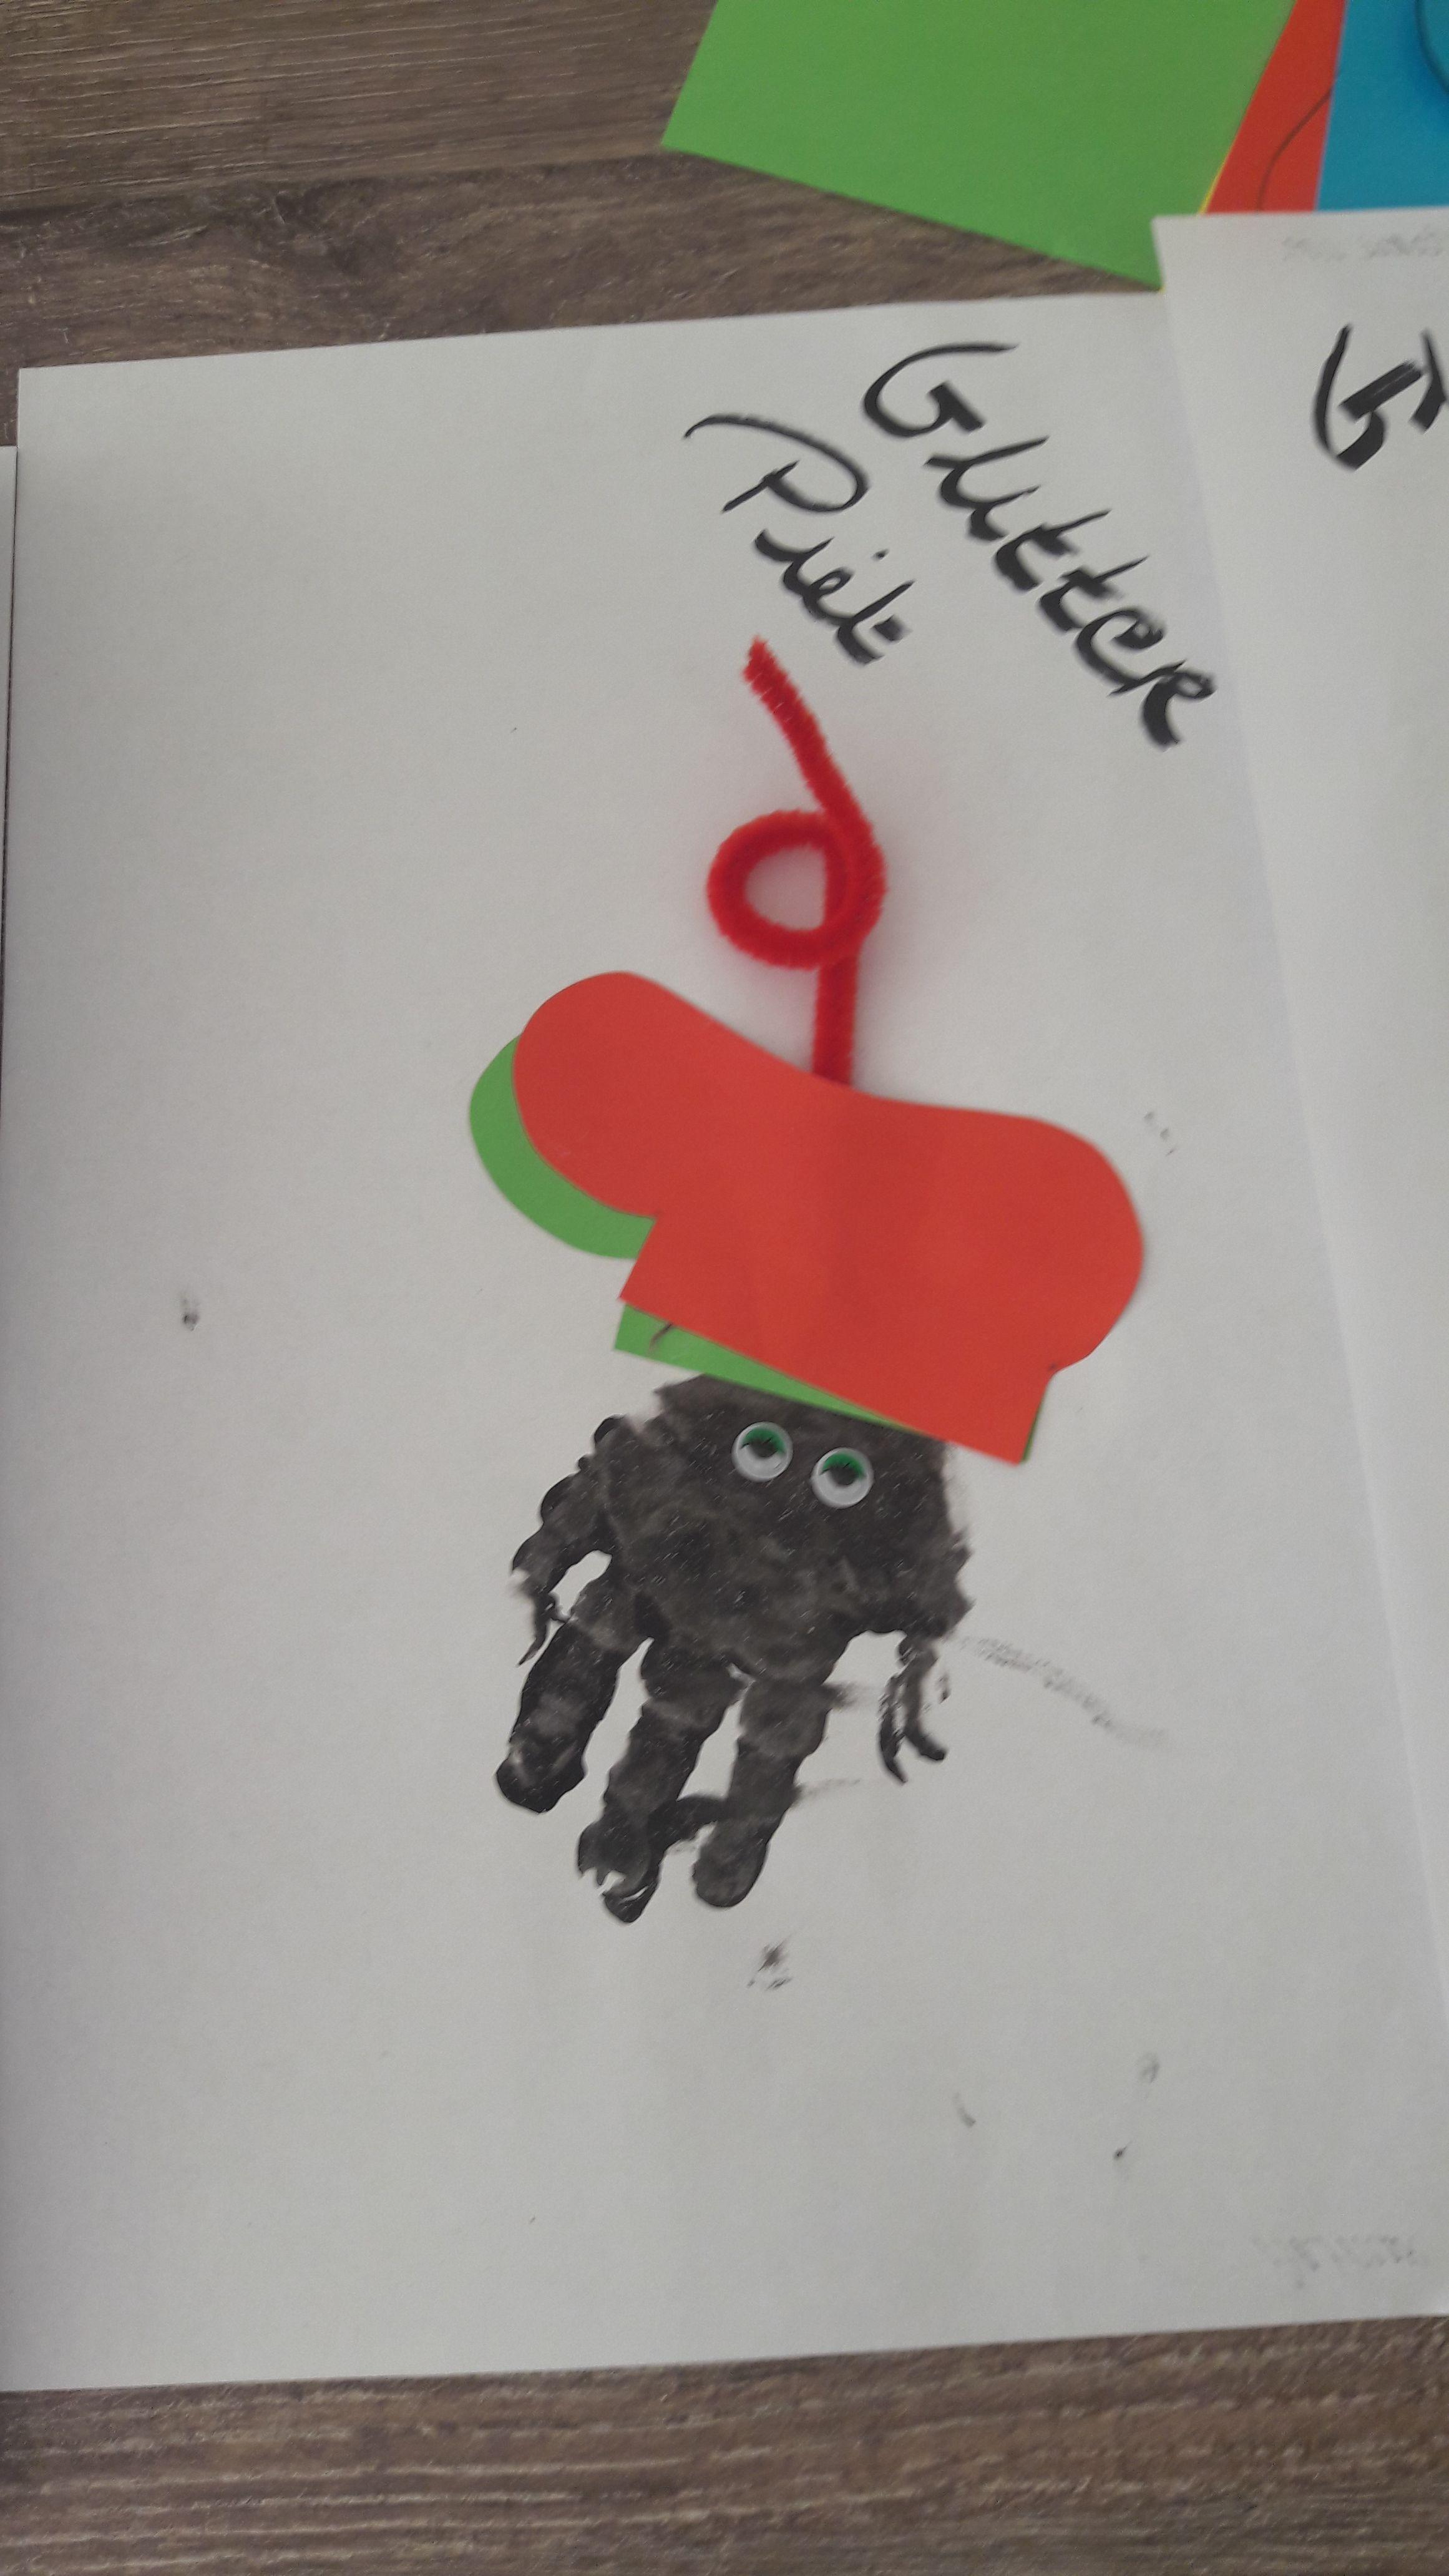 Zwarte piet, Peuters